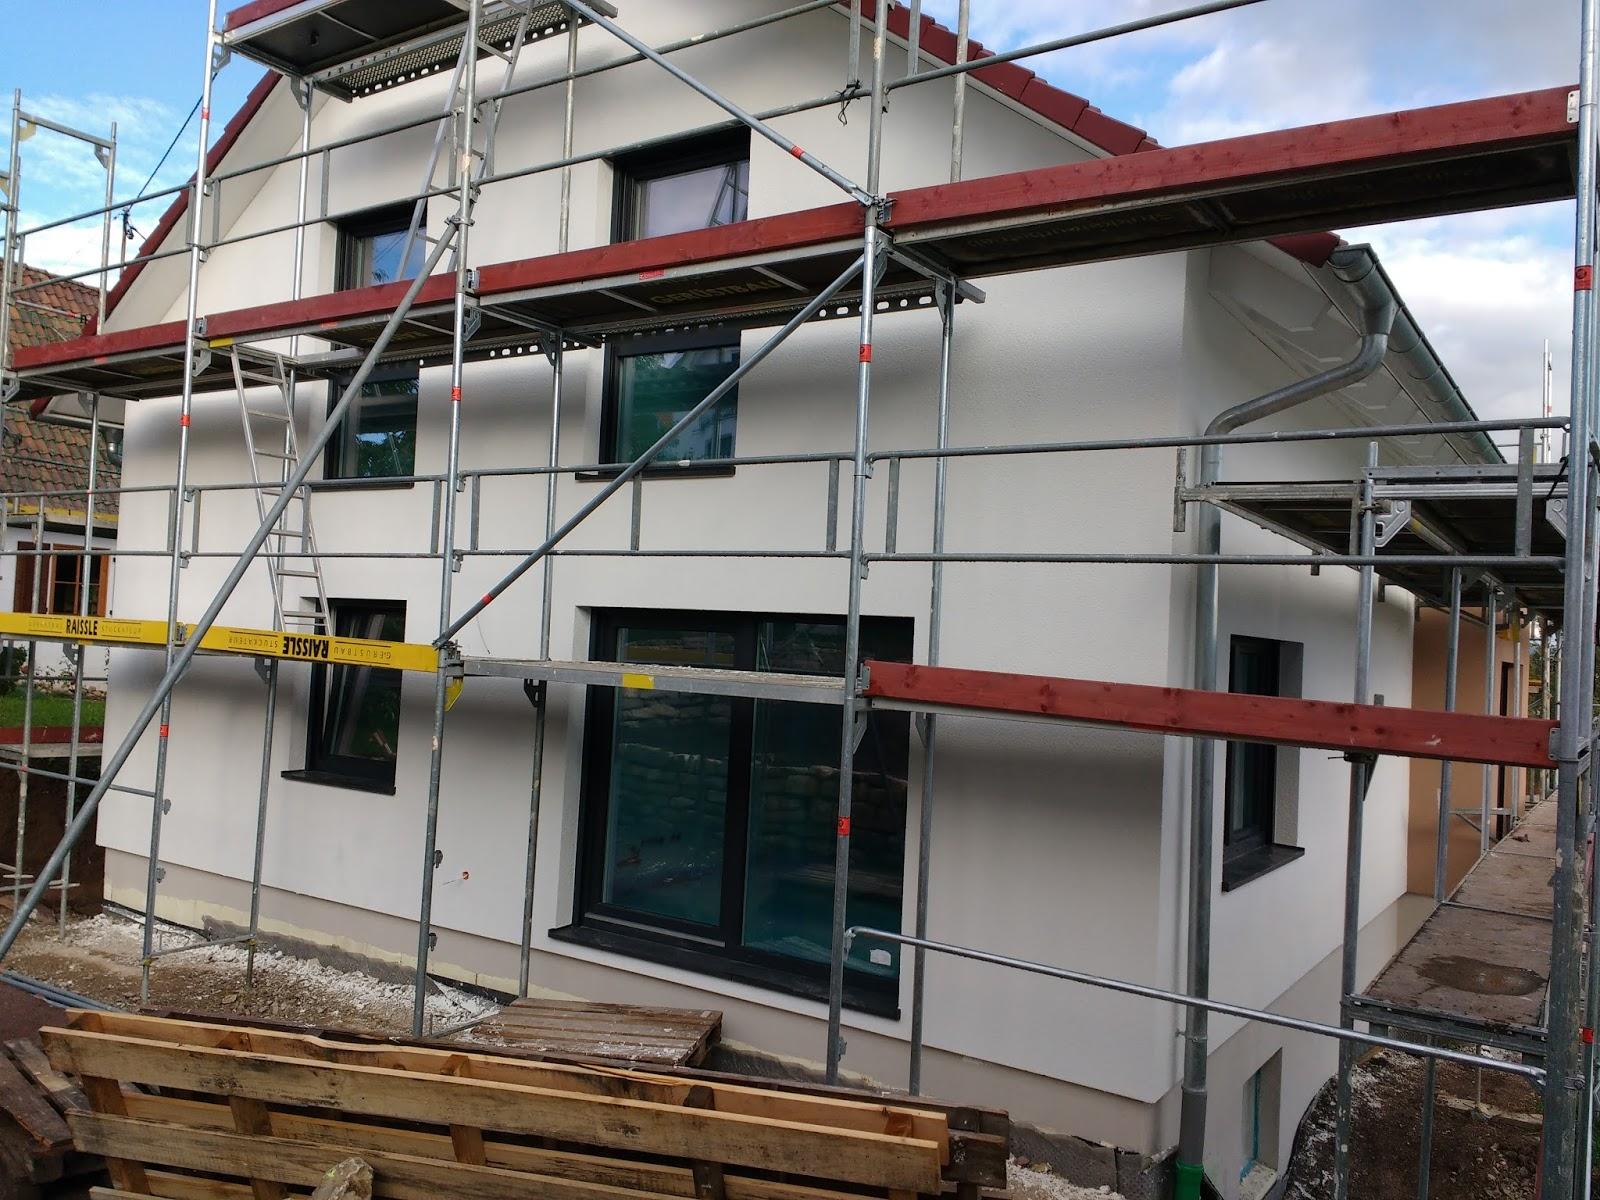 Hauser Massivhaus jetzt kommt die farbe wir bauen ein hauser massivhaus